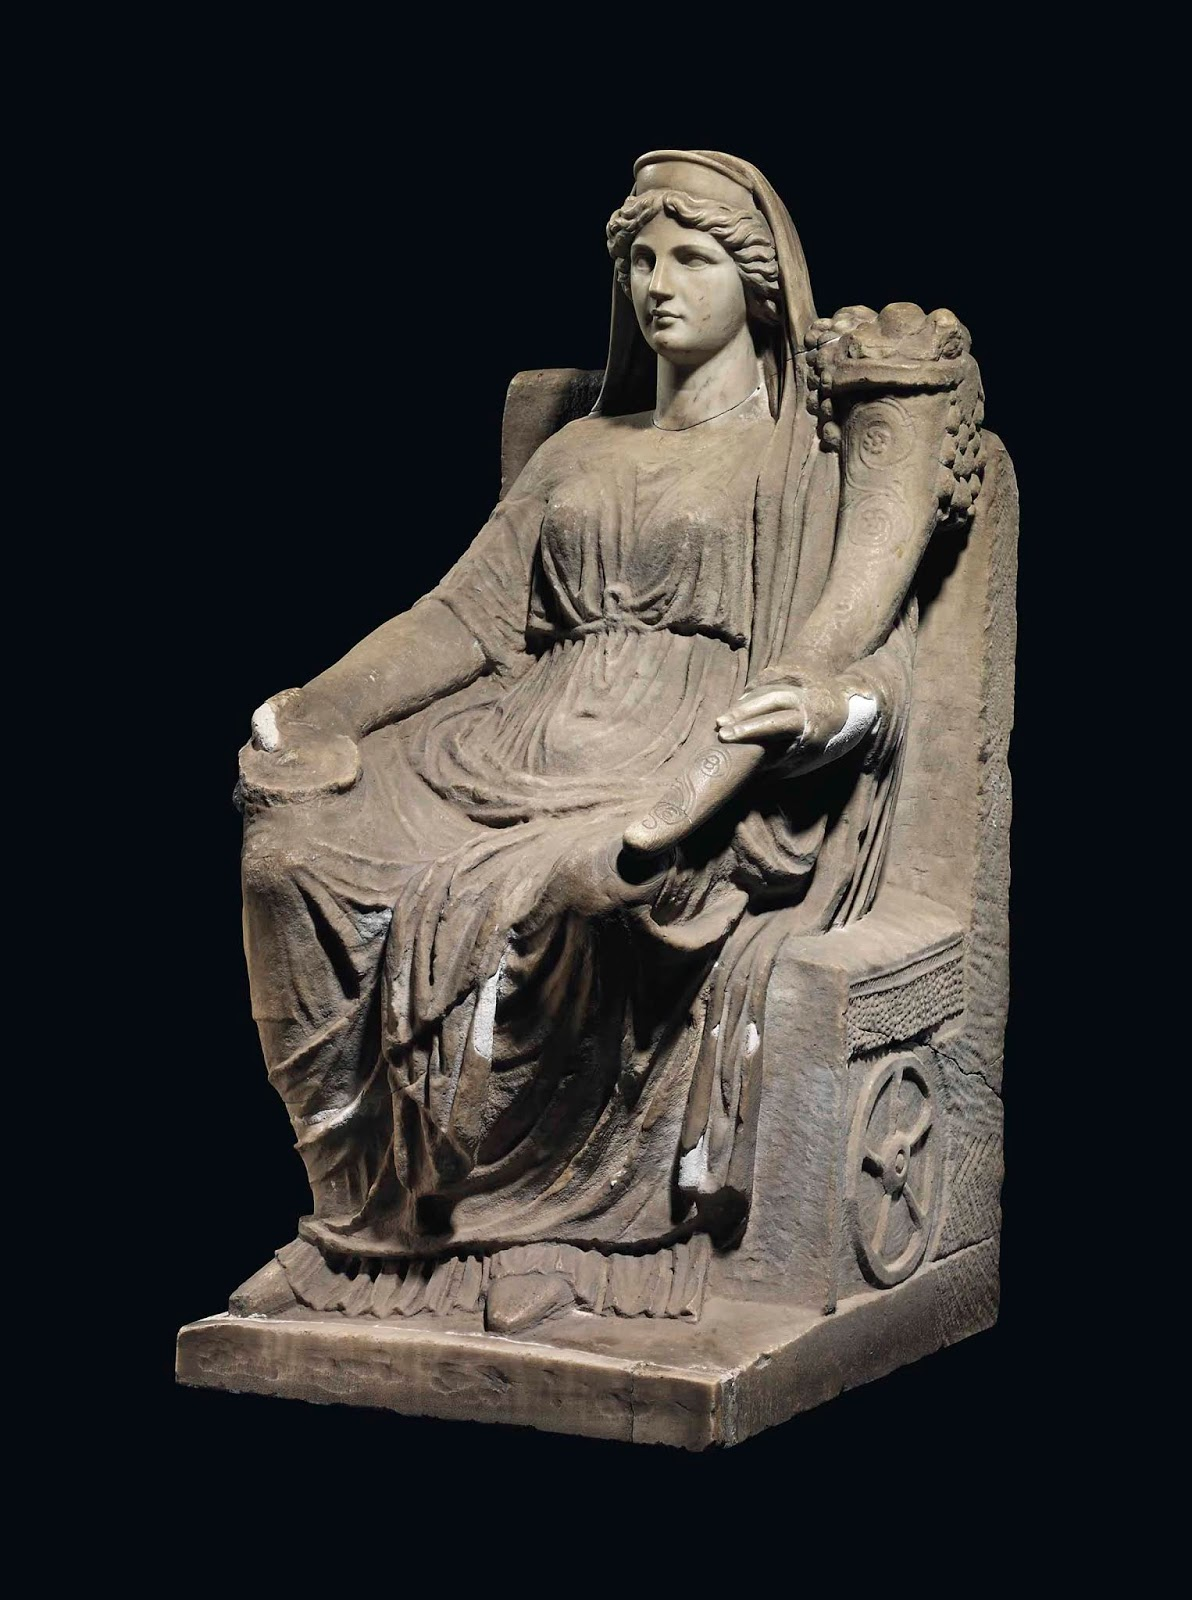 Domvs Romana Fortuna La Diosa De La Suerte En La Antigua Roma